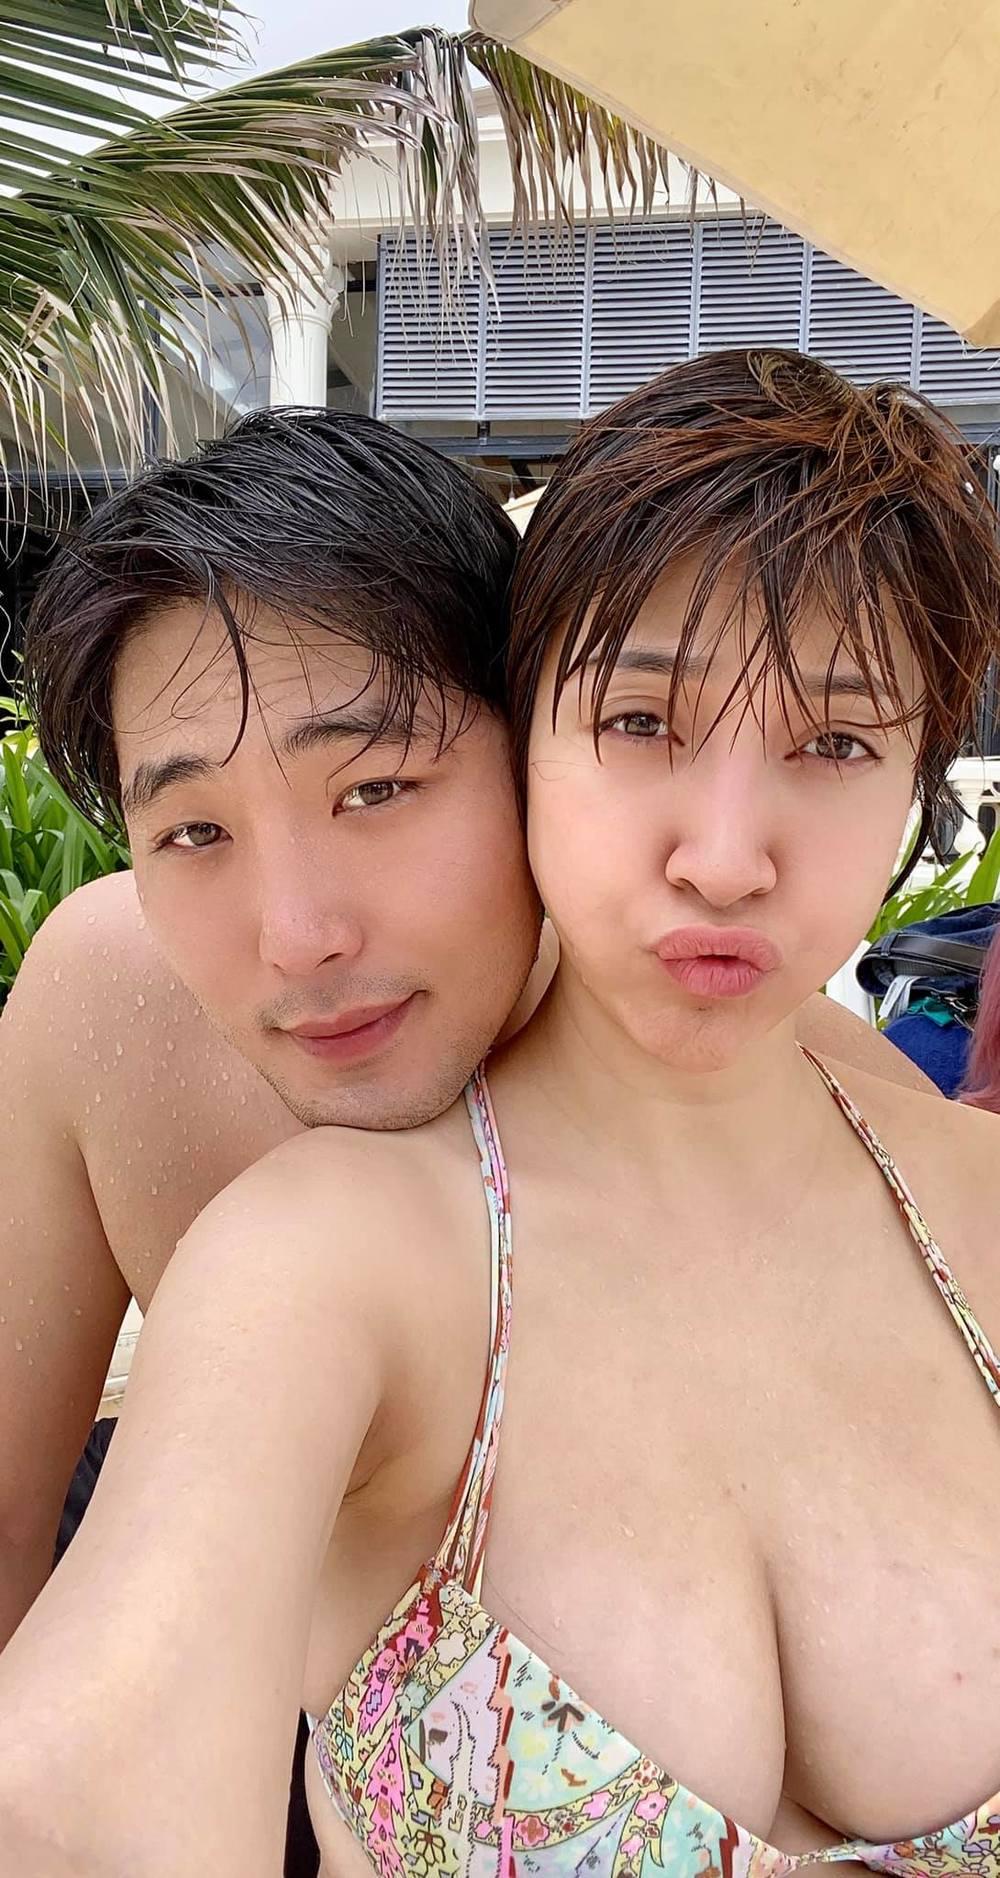 Cặp đôi vừa xuống Vũng Tàu để thư giãn. (Ảnh: FBNV) - Tin sao Viet - Tin tuc sao Viet - Scandal sao Viet - Tin tuc cua Sao - Tin cua Sao